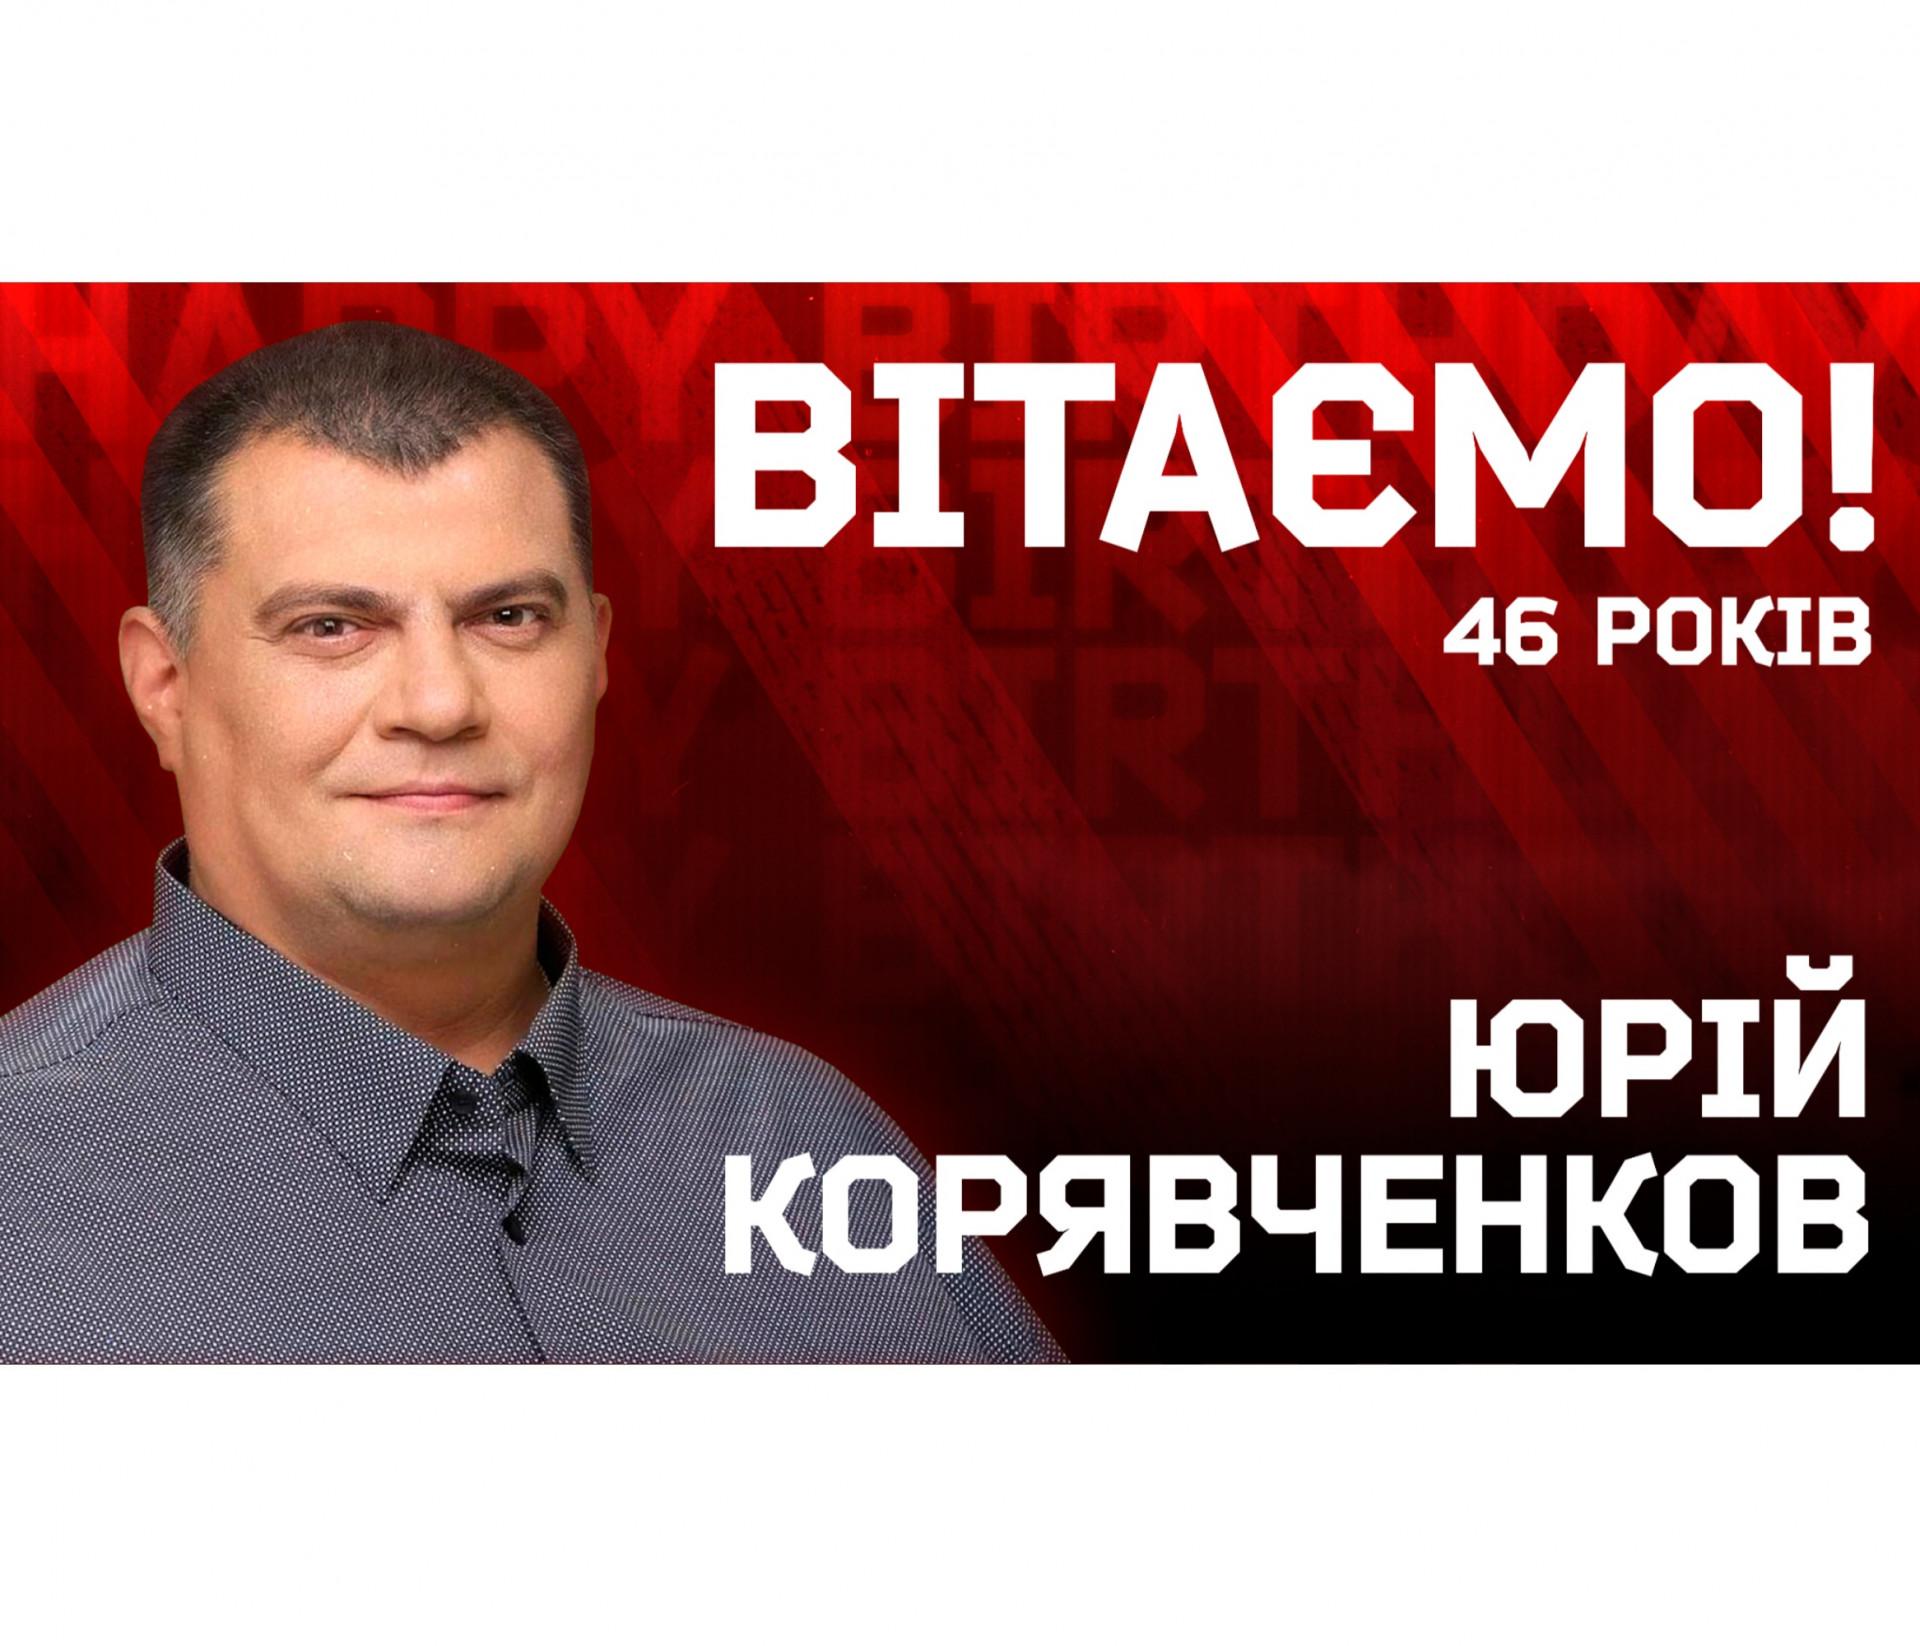 Юрію Корявченкову - 46!}